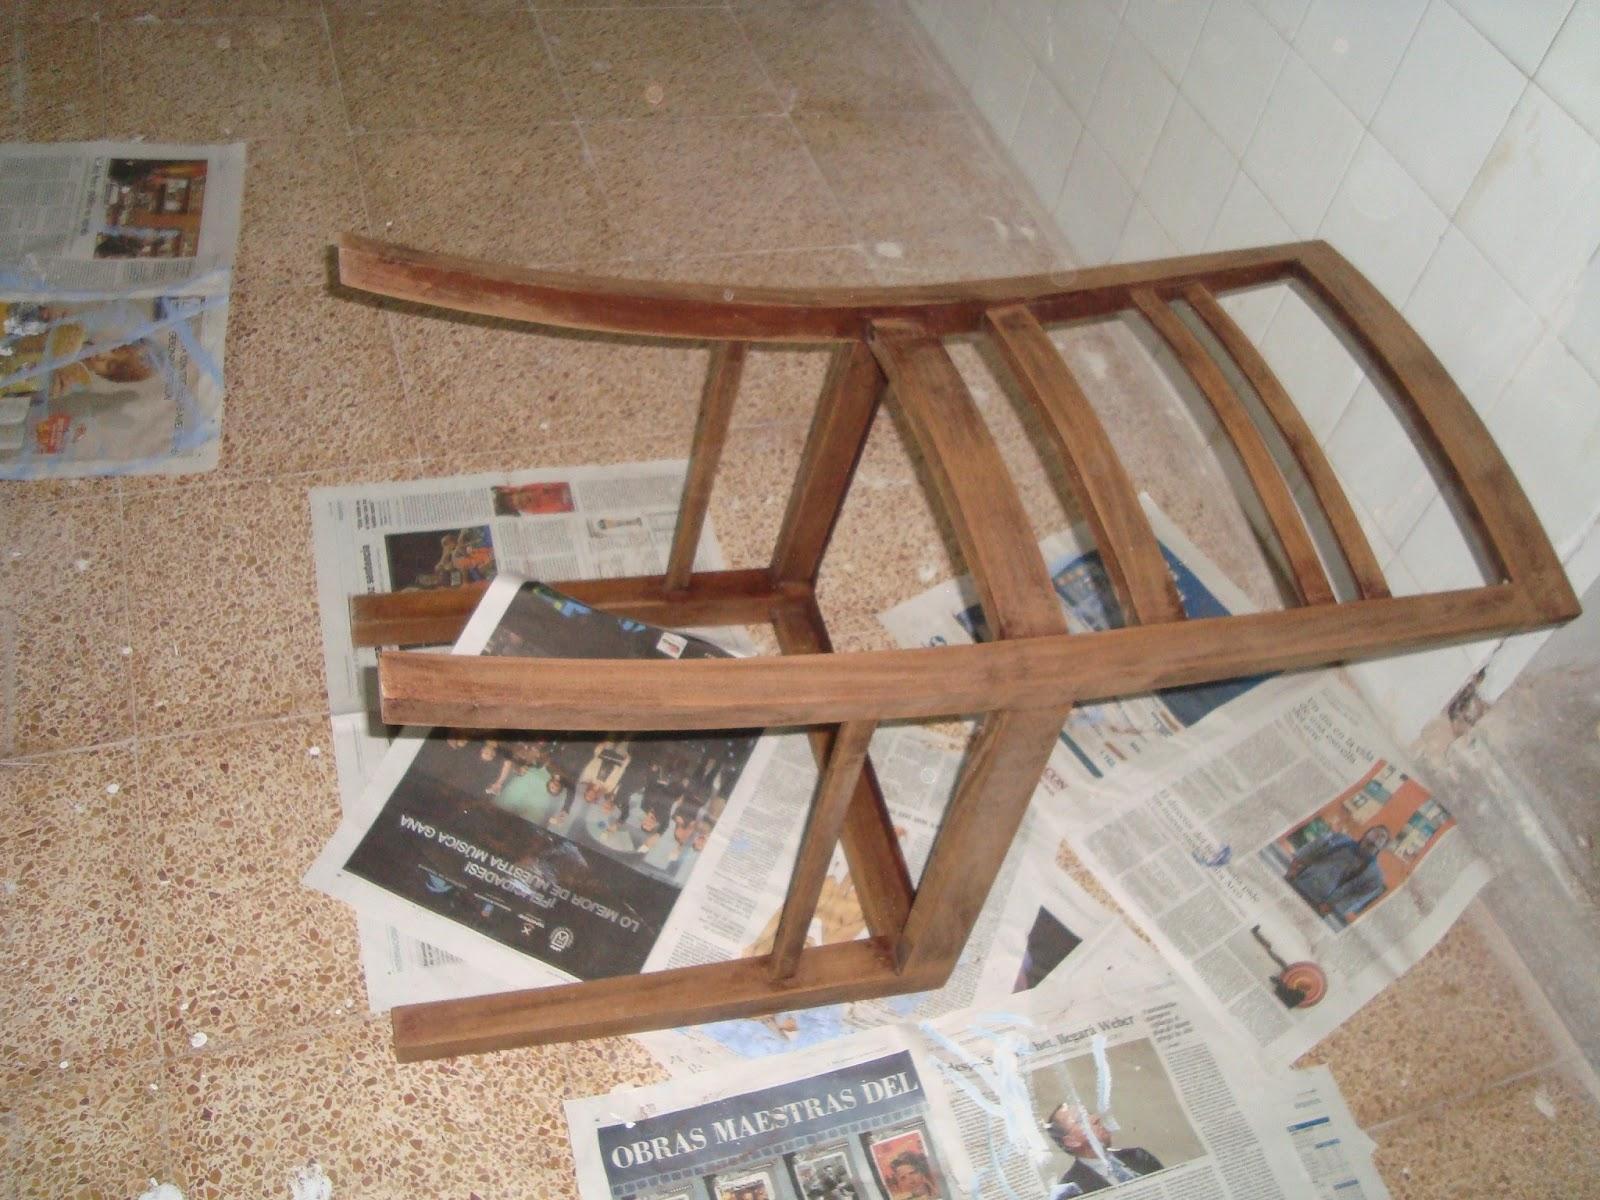 Como lijar una silla de madera como lijar una silla de madera como lijar una silla de - Como tapizar sillas de madera ...